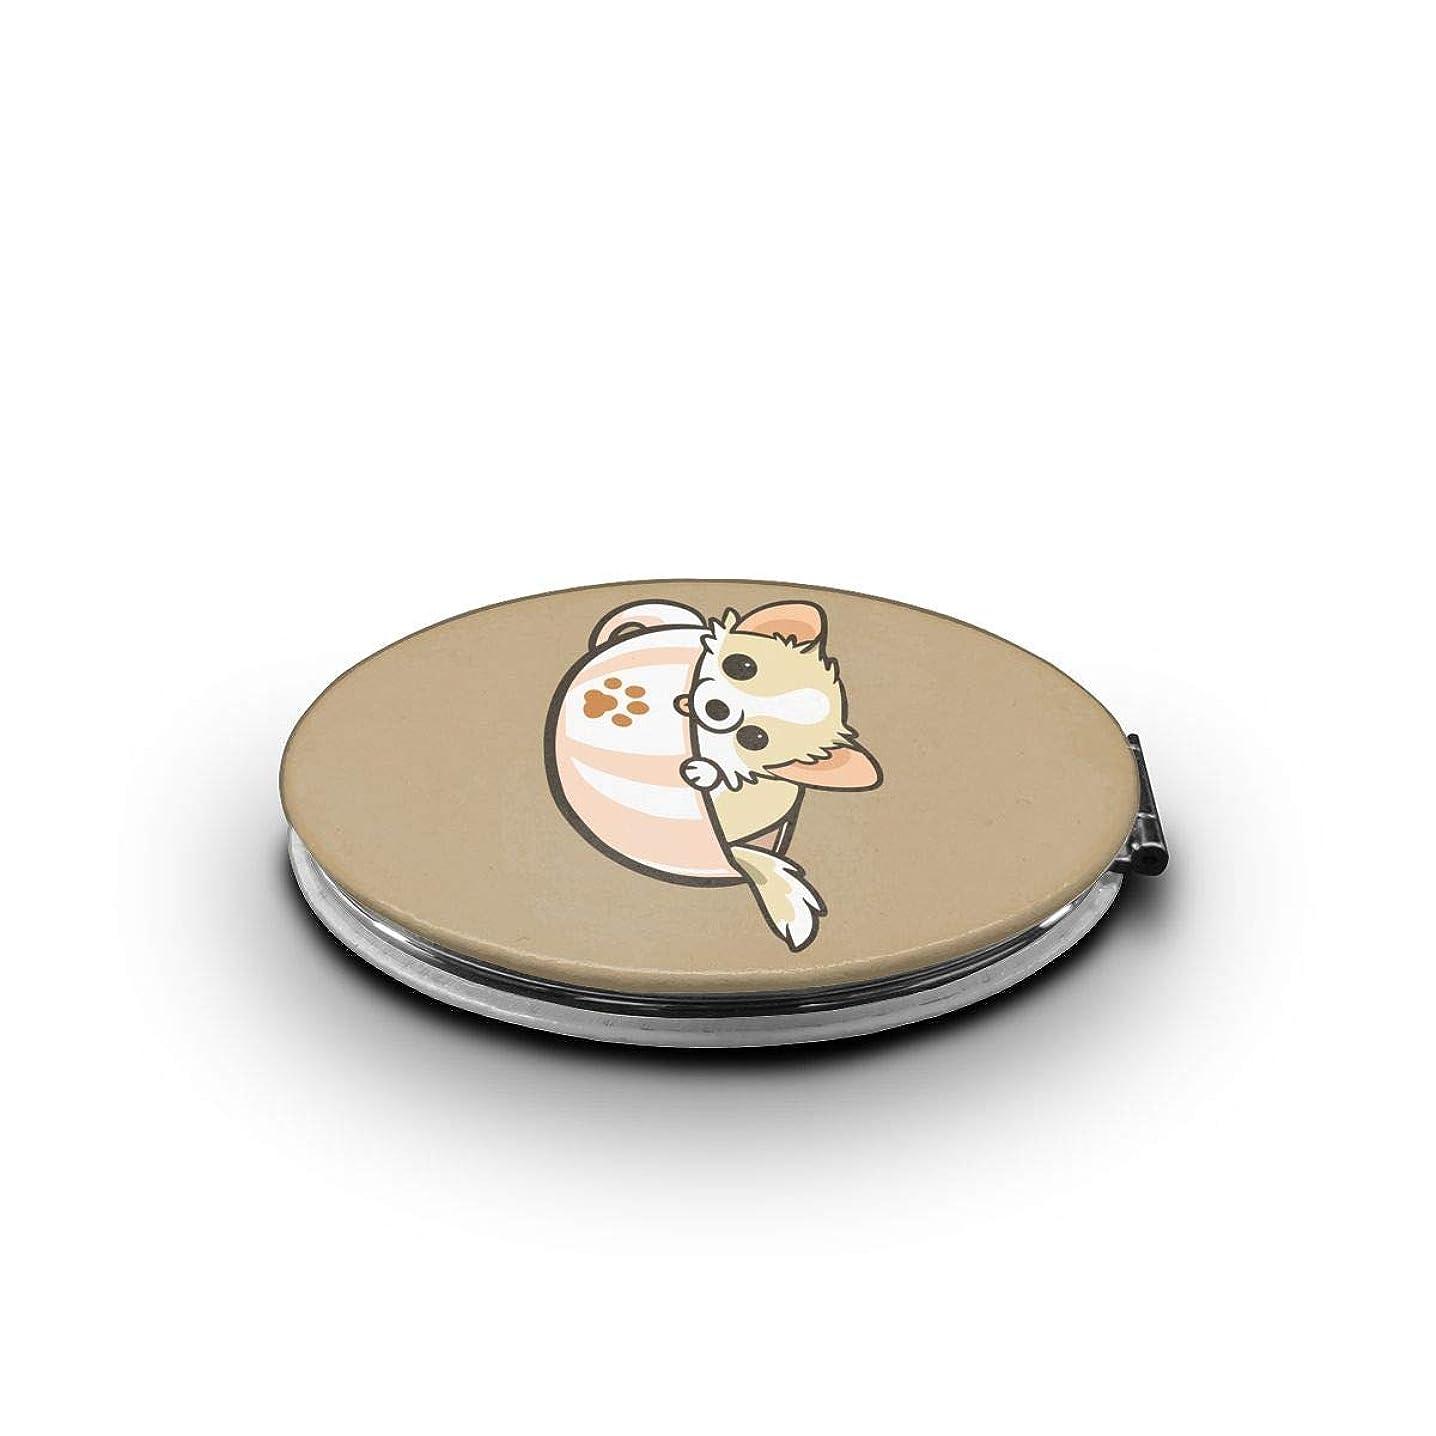 誓約ロープ適合する携帯ミラー かわいいチワワミニ化粧鏡 化粧鏡 3倍拡大鏡+等倍鏡 両面化粧鏡 楕円形 携帯型 折り畳み式 コンパクト鏡 外出に 持ち運び便利 超軽量 おしゃれ 9.0X6.6CM